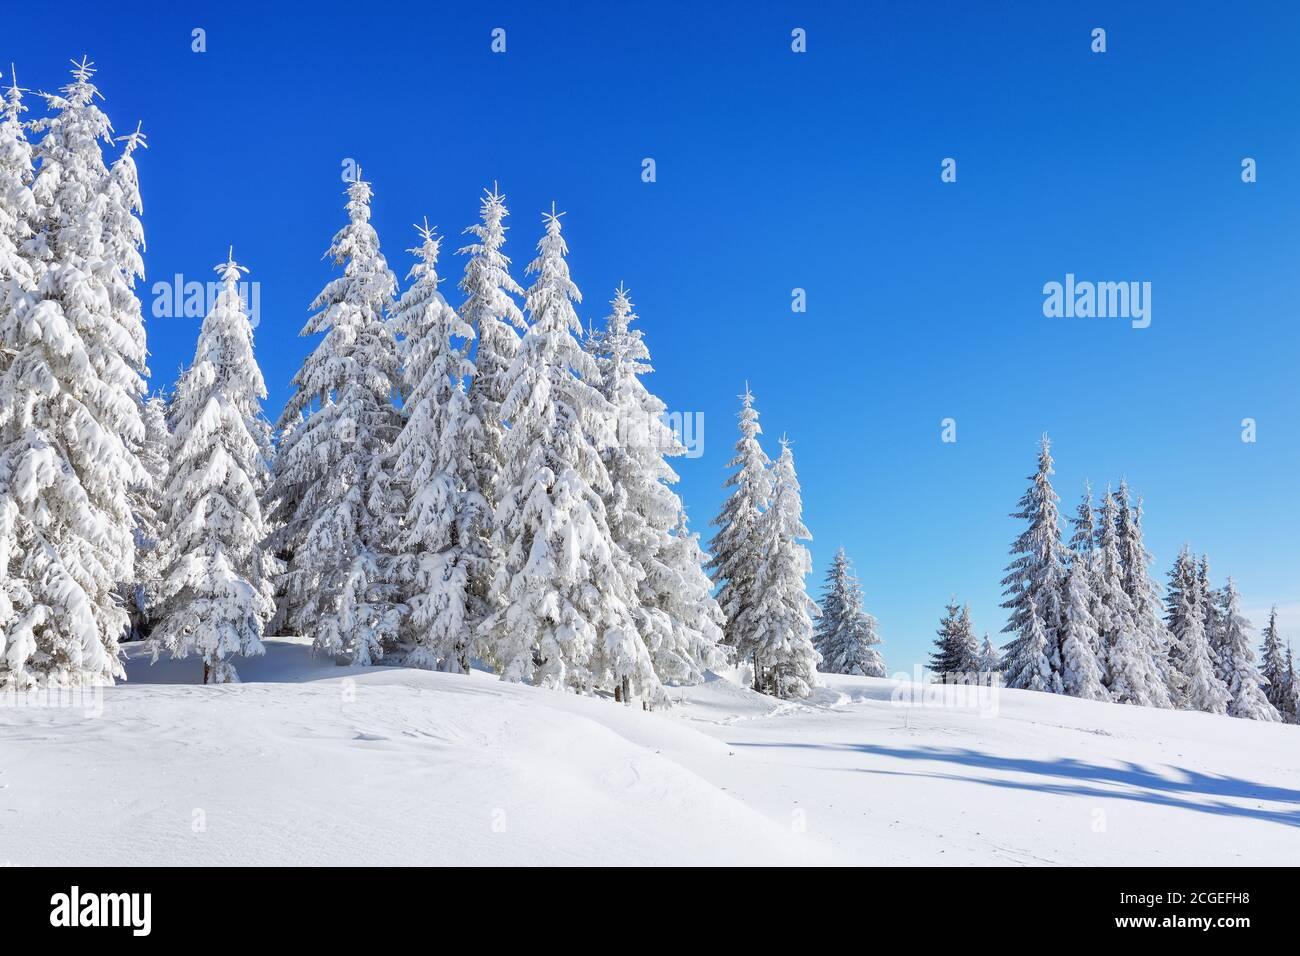 Winterlandschaft. Natürliche Landschaft mit schönen Himmel. Erstaunlich auf dem mit Schnee bedeckten Rasen stehen die schönen Bäume gegossen mit Schneeflocken. Touris Stockfoto